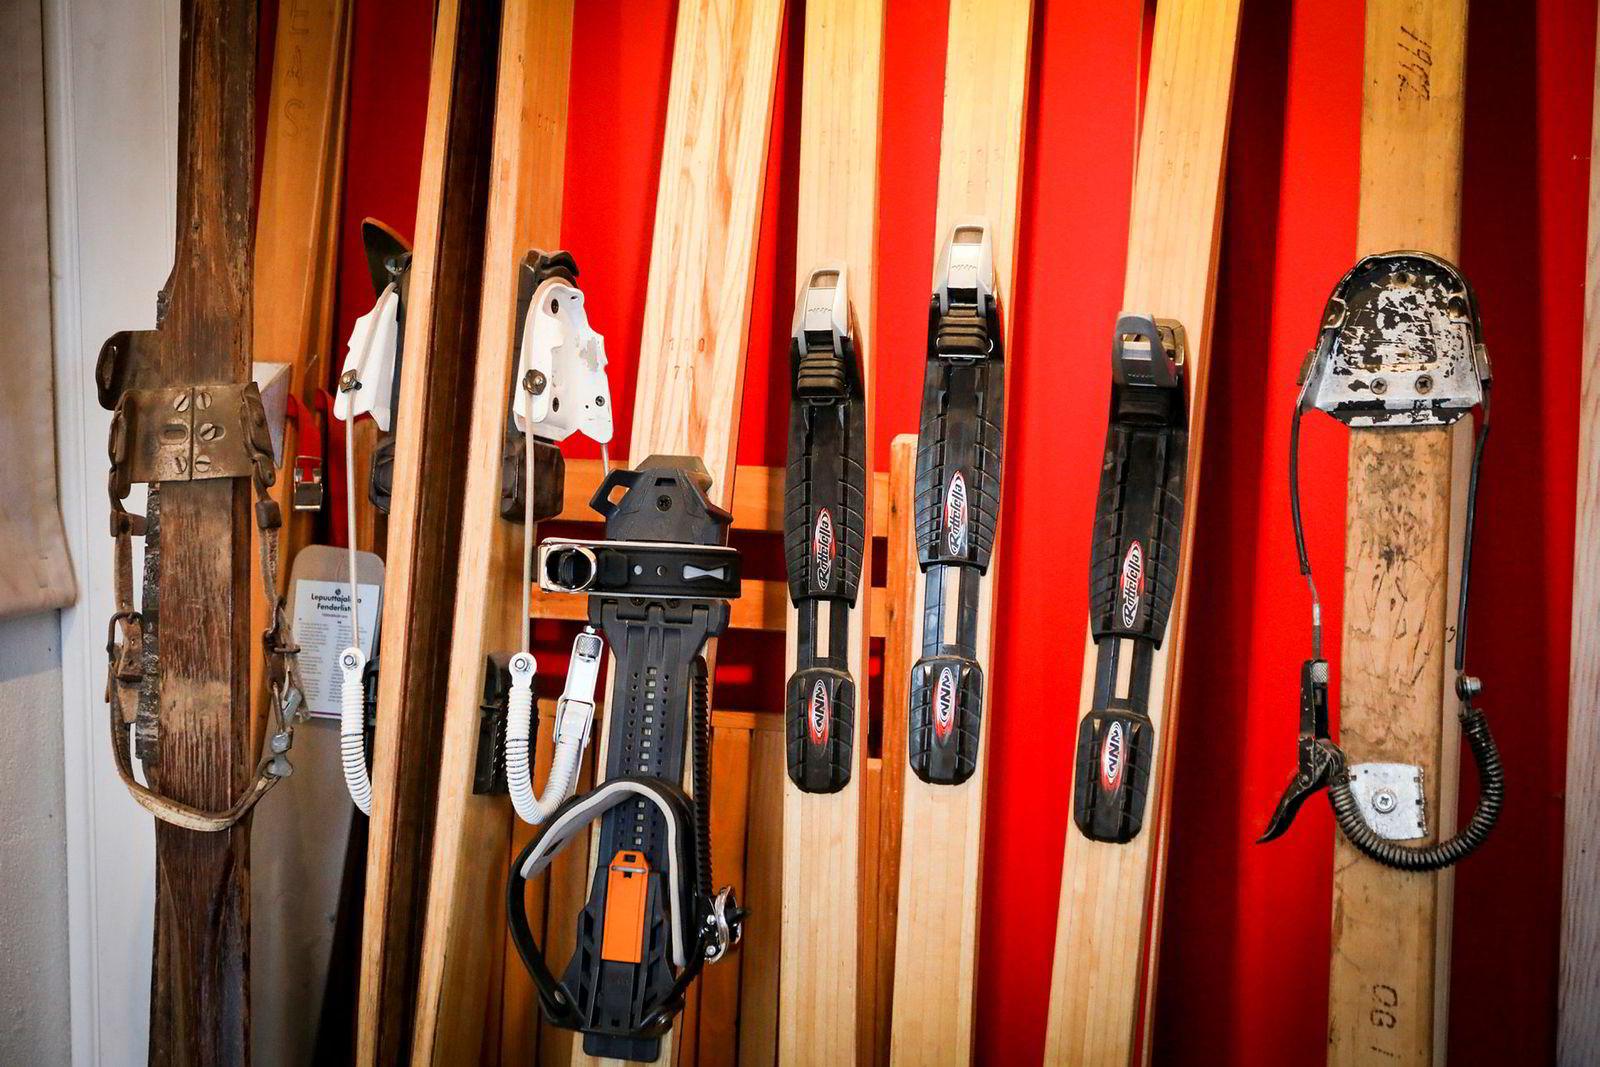 En over 80 år lang historie har gitt en lang rekke skimodeller opp gjennom årene. De smaleste skiene de har laget ble gått med under Ski-VM i Holmenkollen i 2011 av en irsk løper.